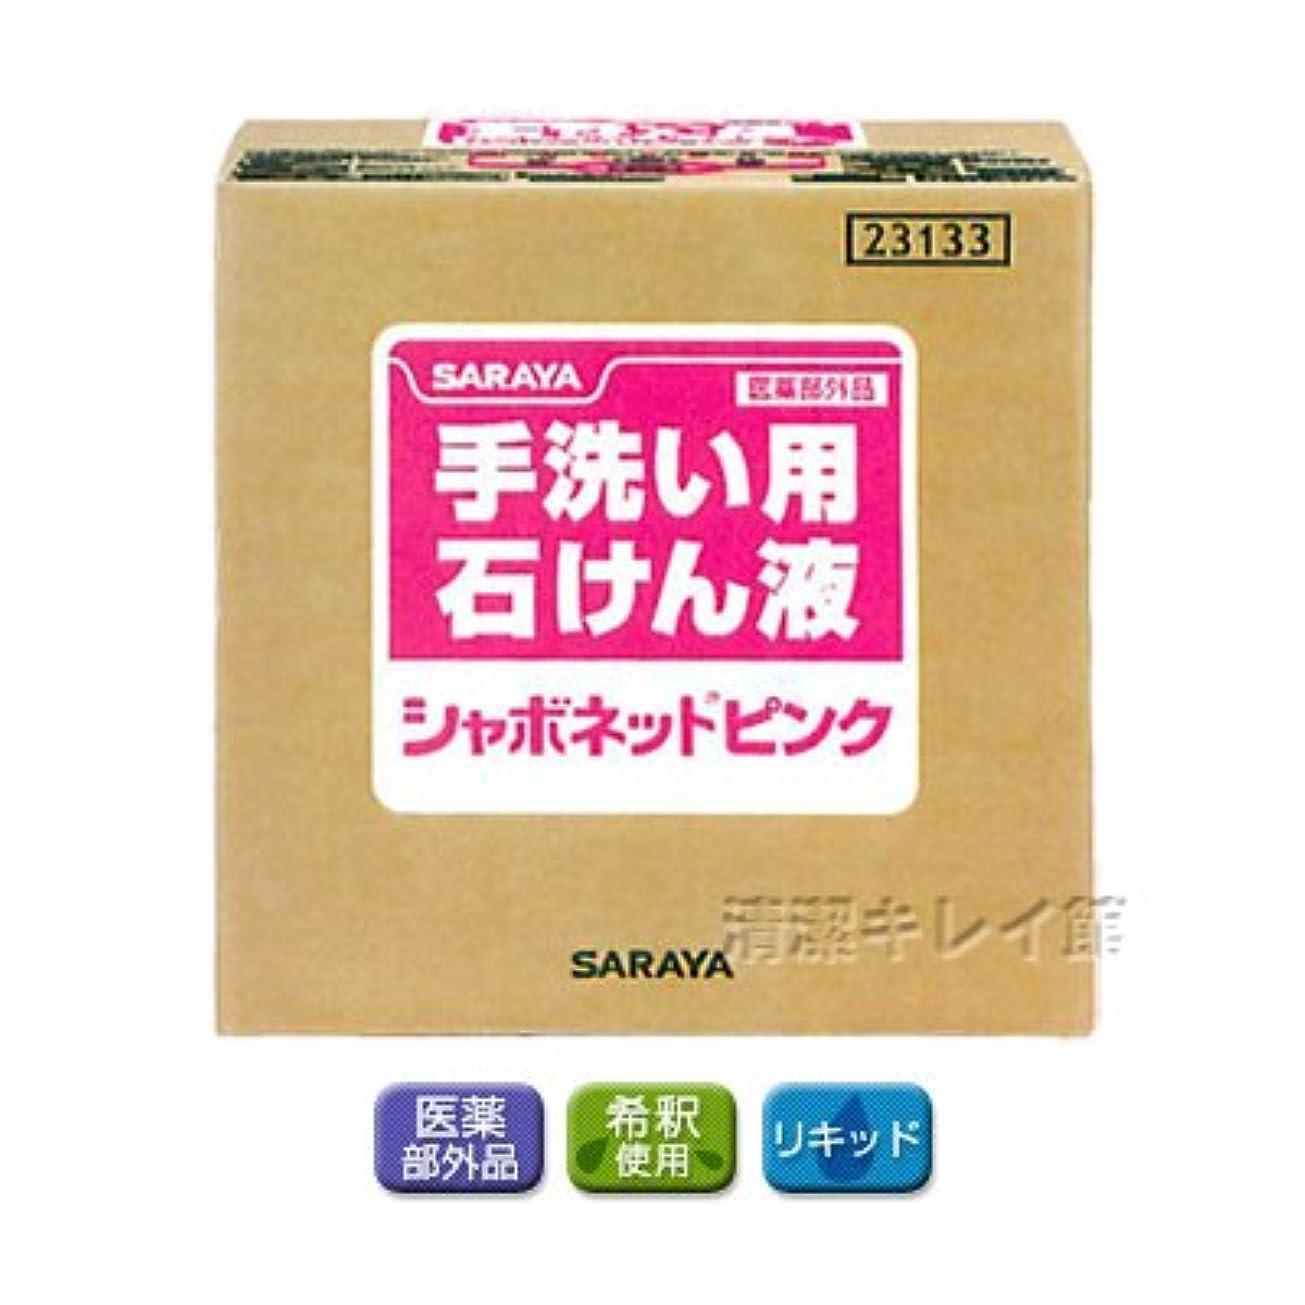 半導体性別マウスピース【清潔キレイ館】サラヤ シャボネットピンク(20kg)